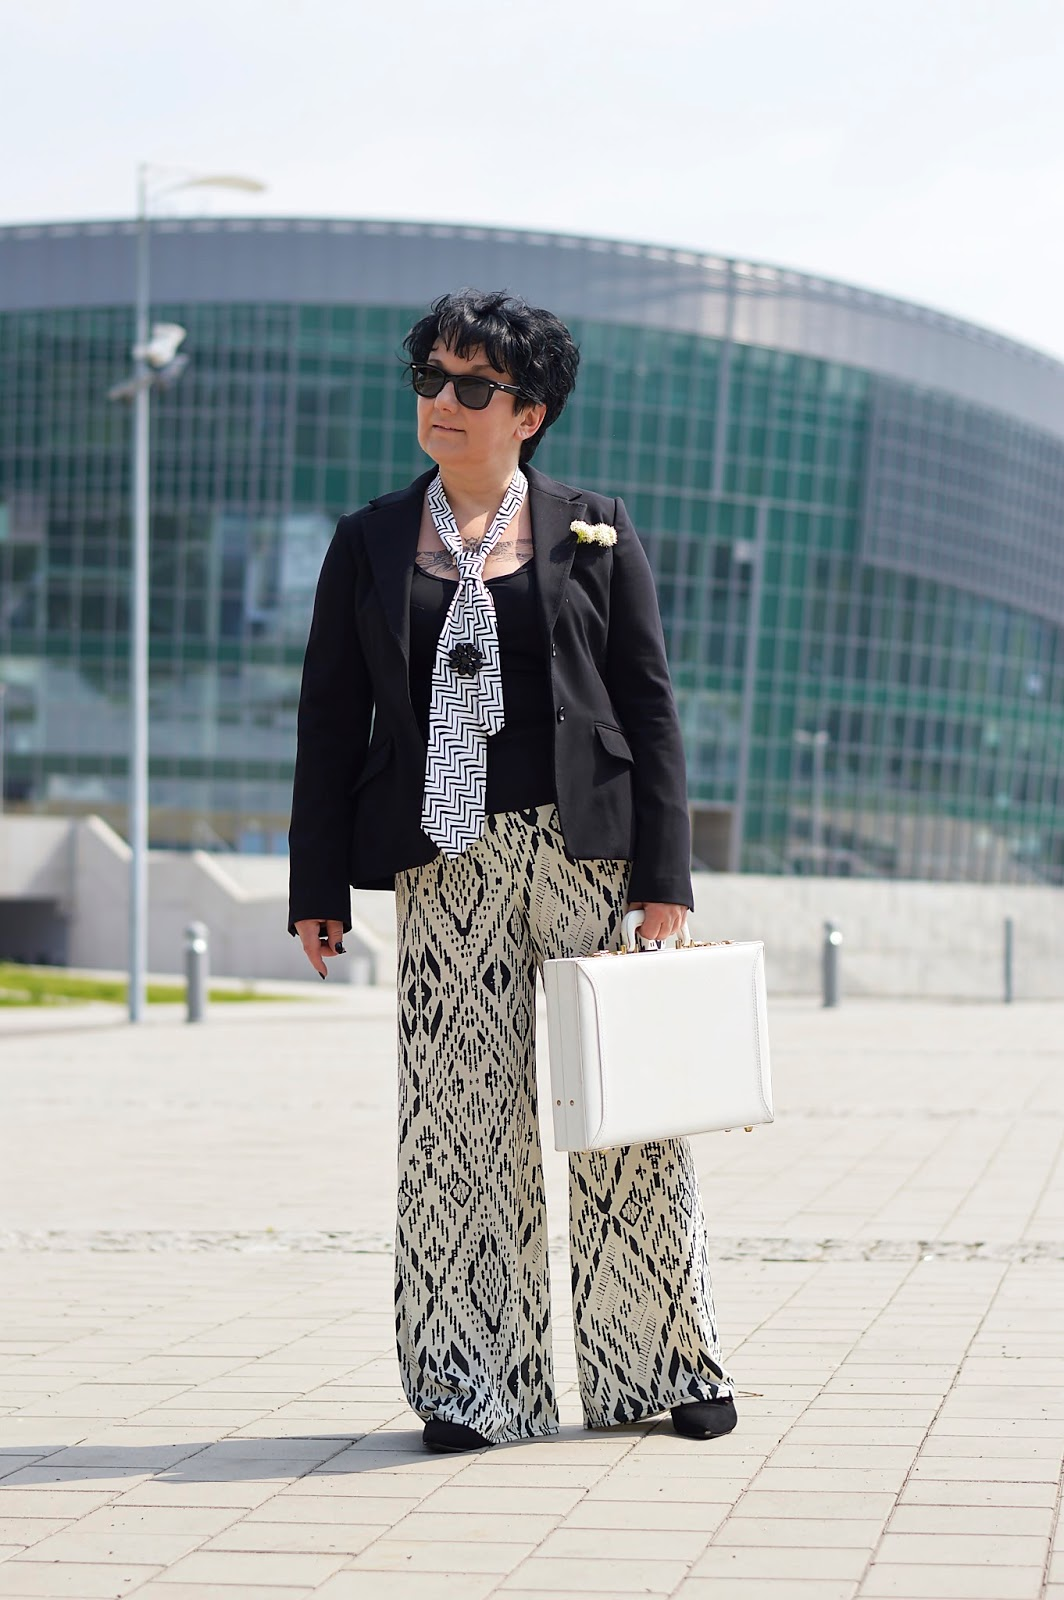 Black and white fashion, szerokie spodnie, pants, męski akcent